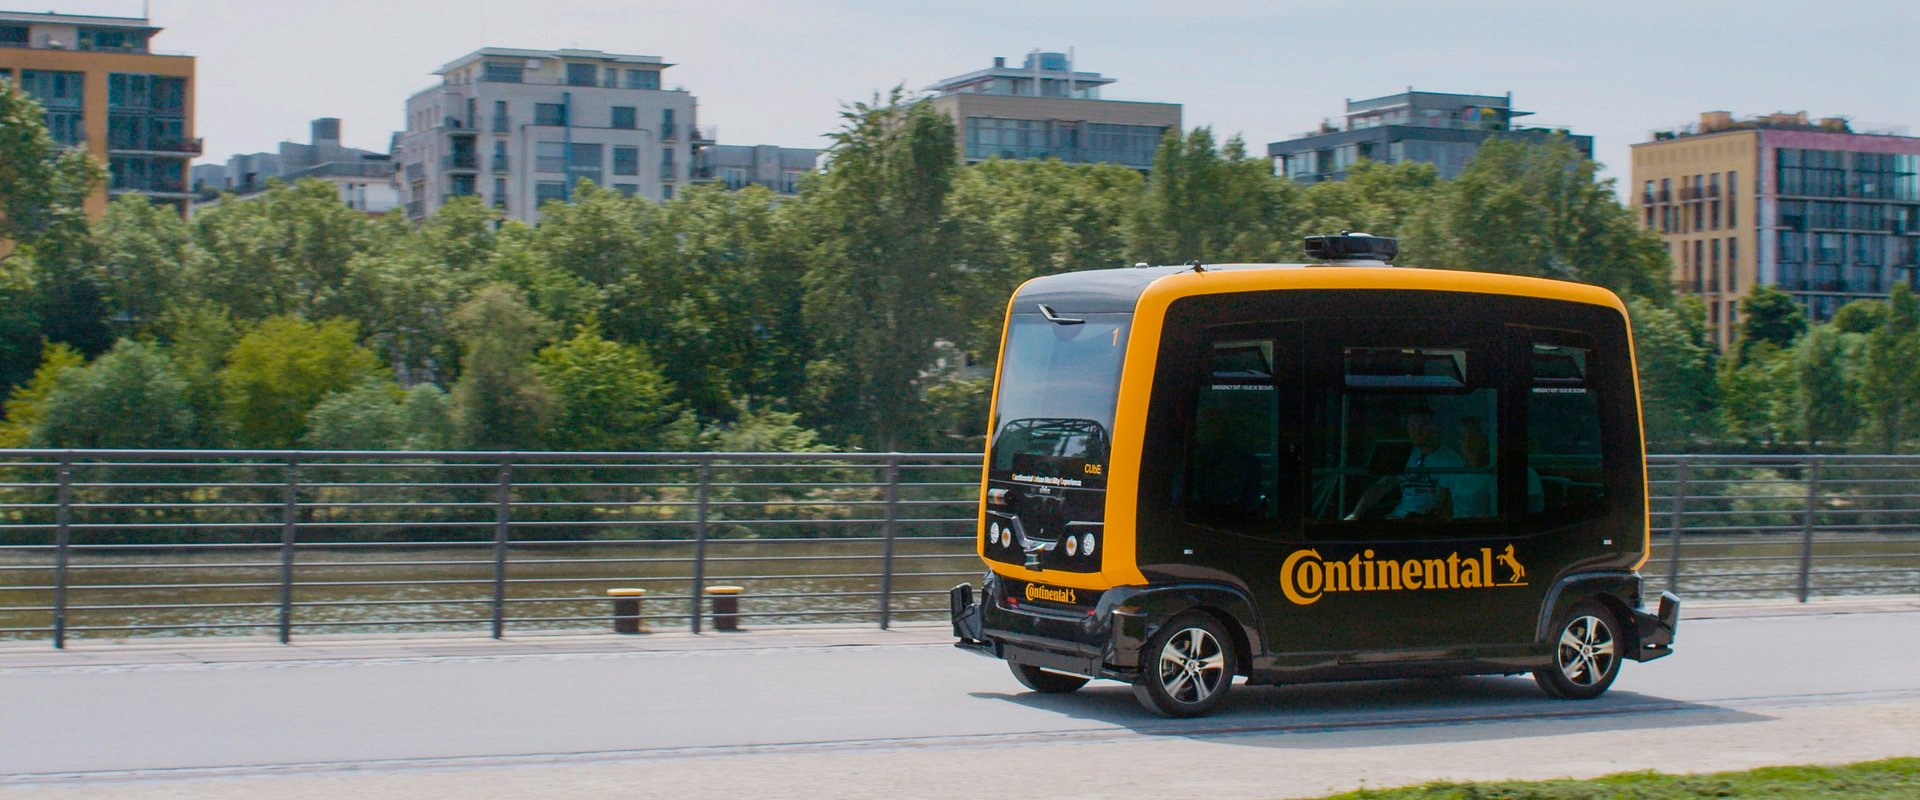 Continental rozpoczyna produkcję systemów do robo-taksówek